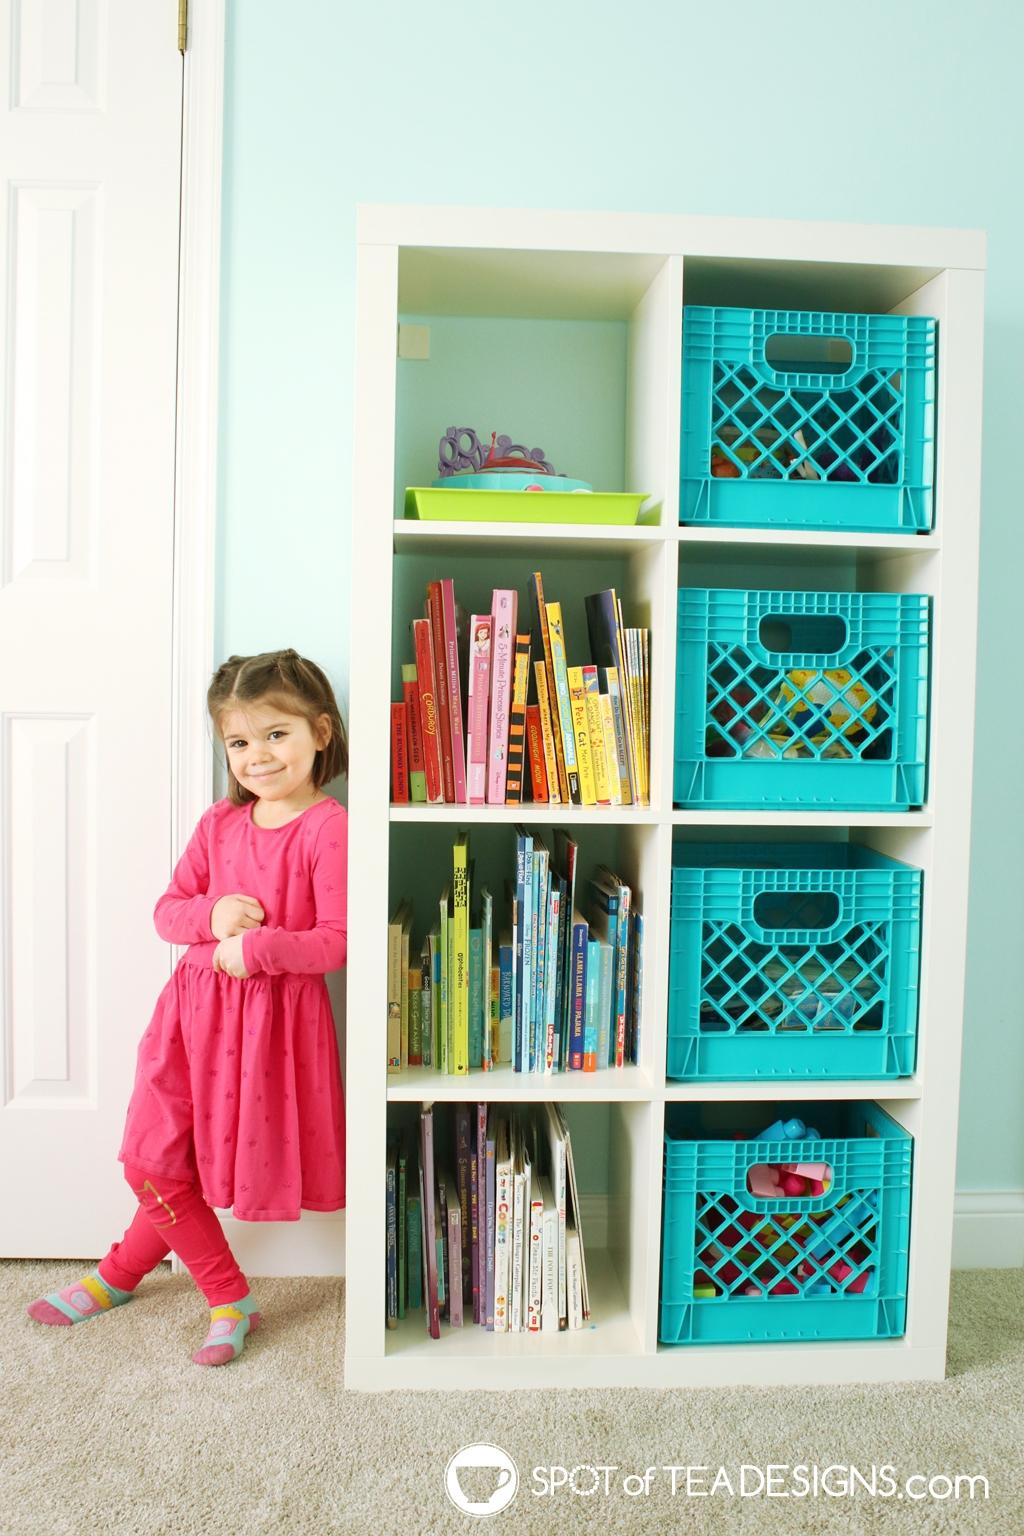 Home Tour - Preschooler's Mermaid Bedroom - books in rainbow order | spotofteadesigns.com